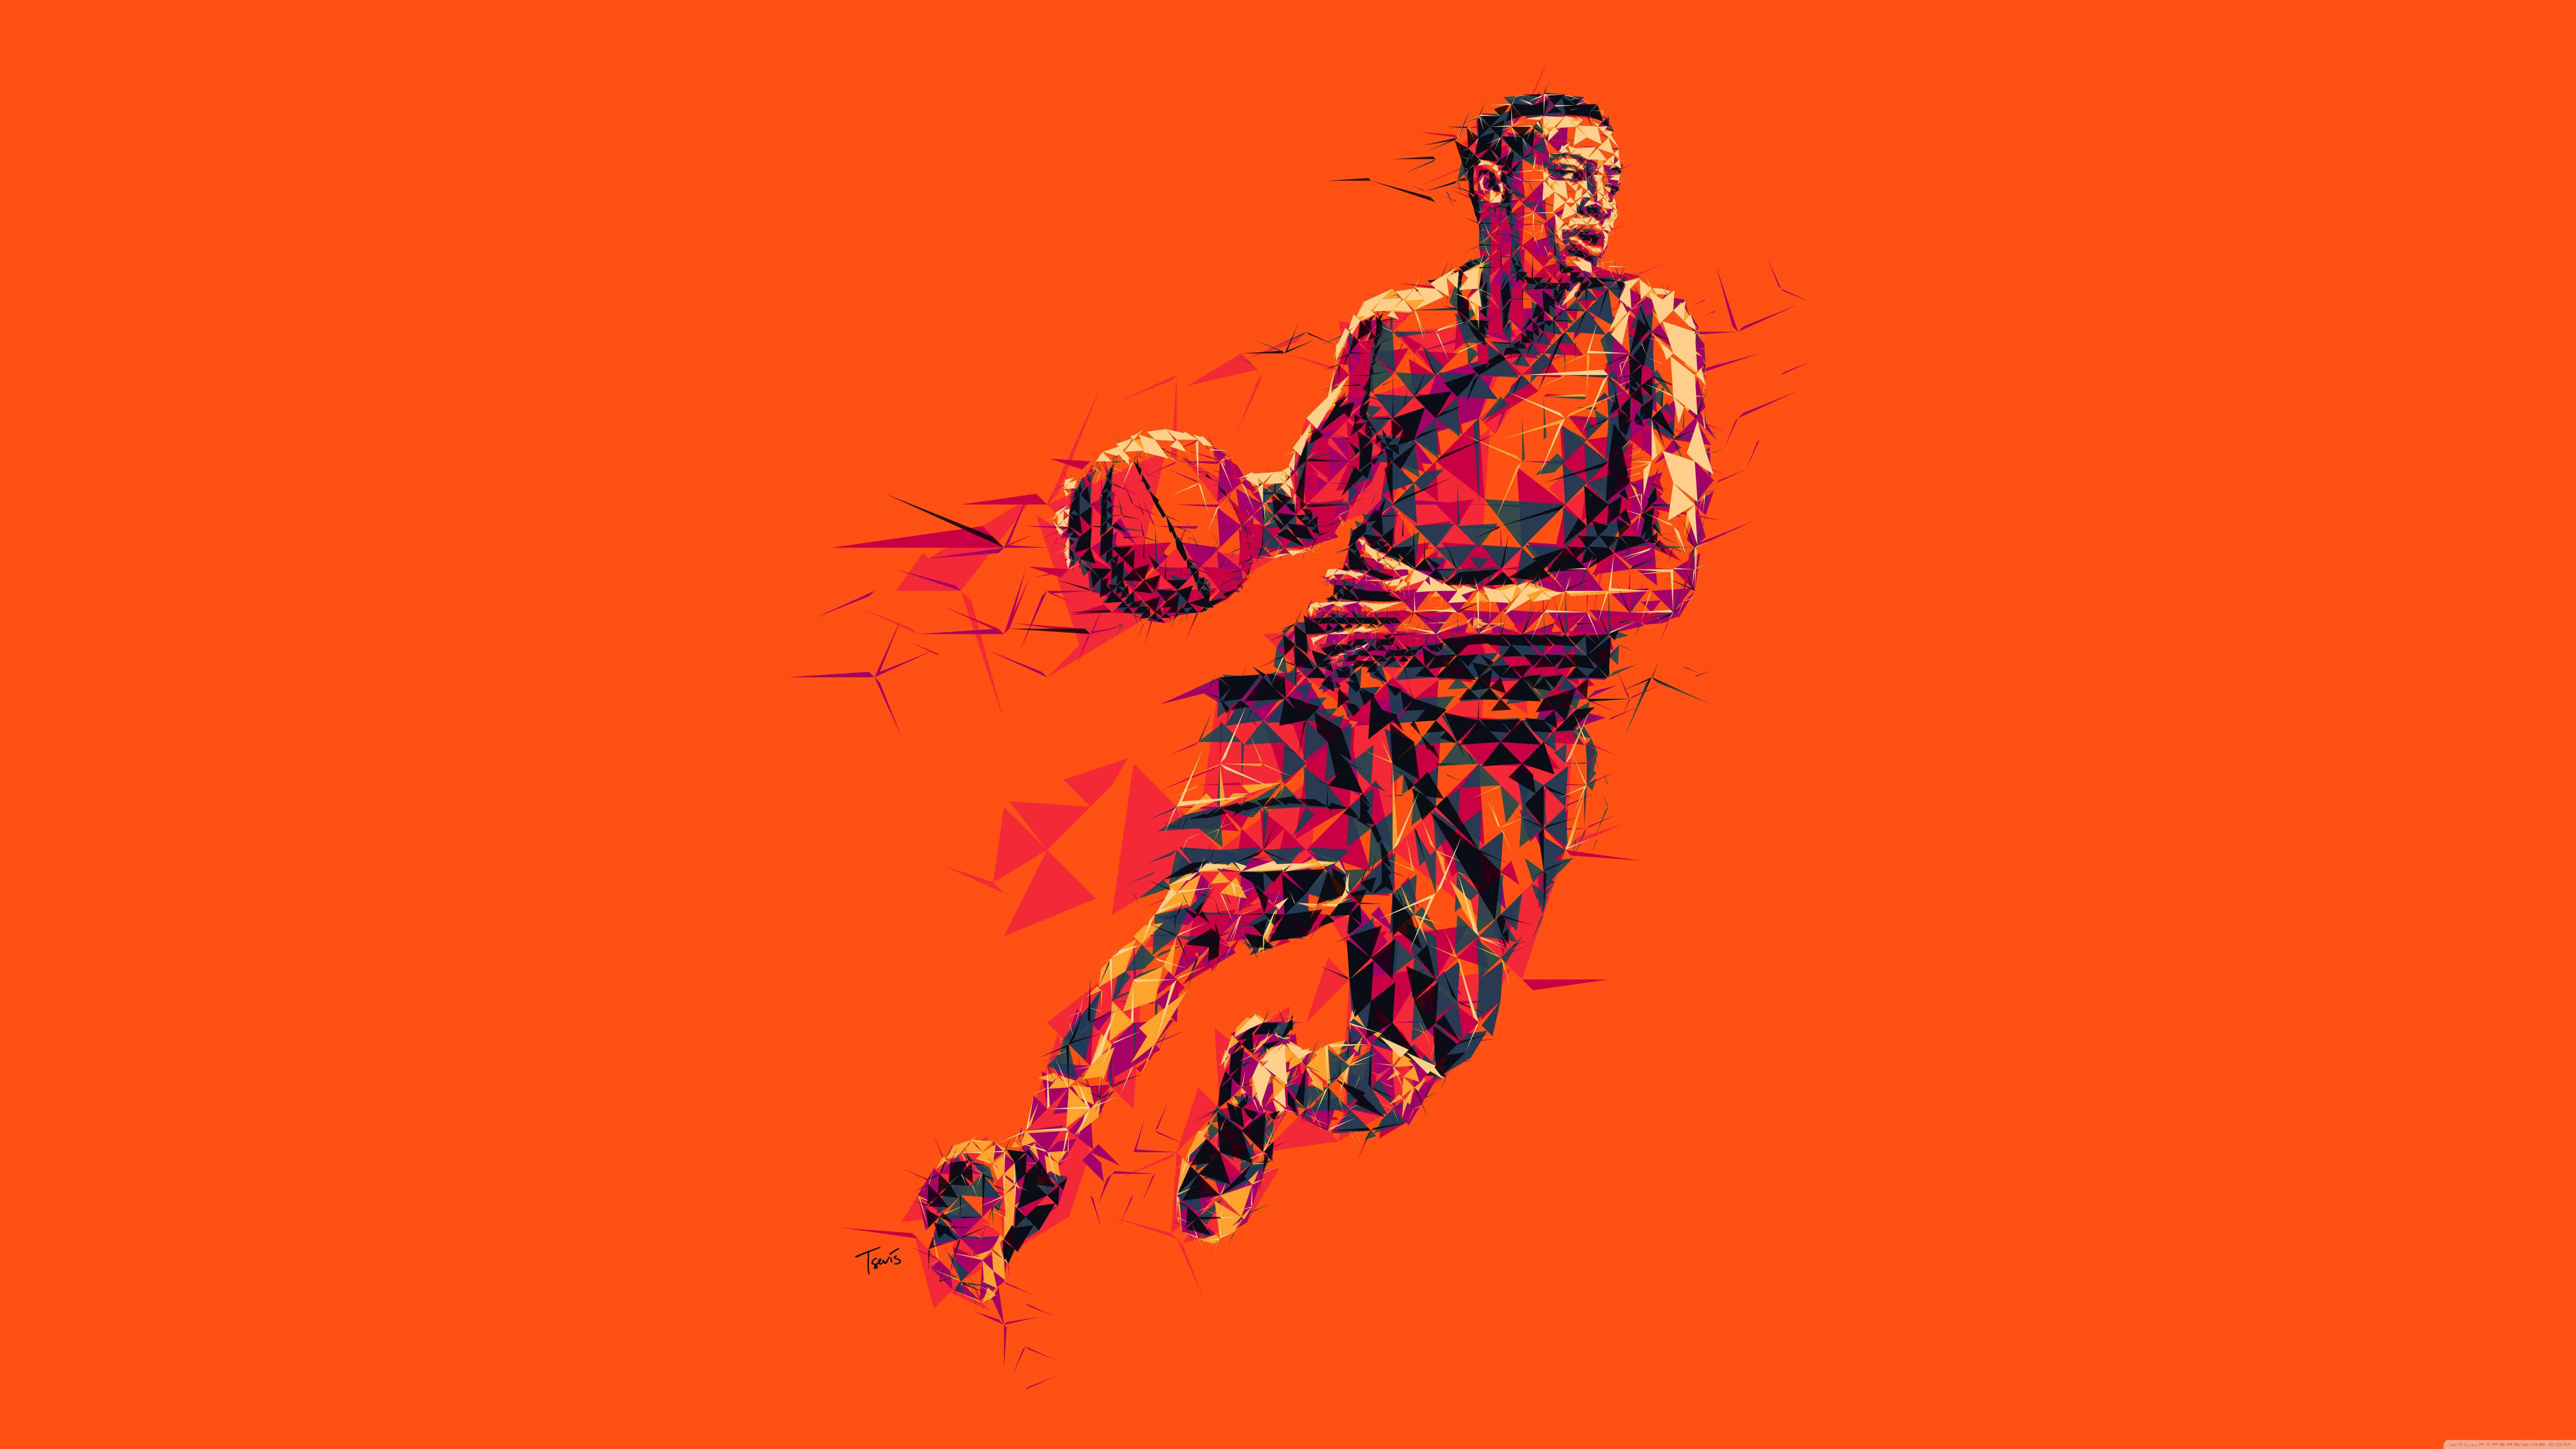 Basketball Player UHD 8K Wallpaper   Pixelzcc 7680x4320